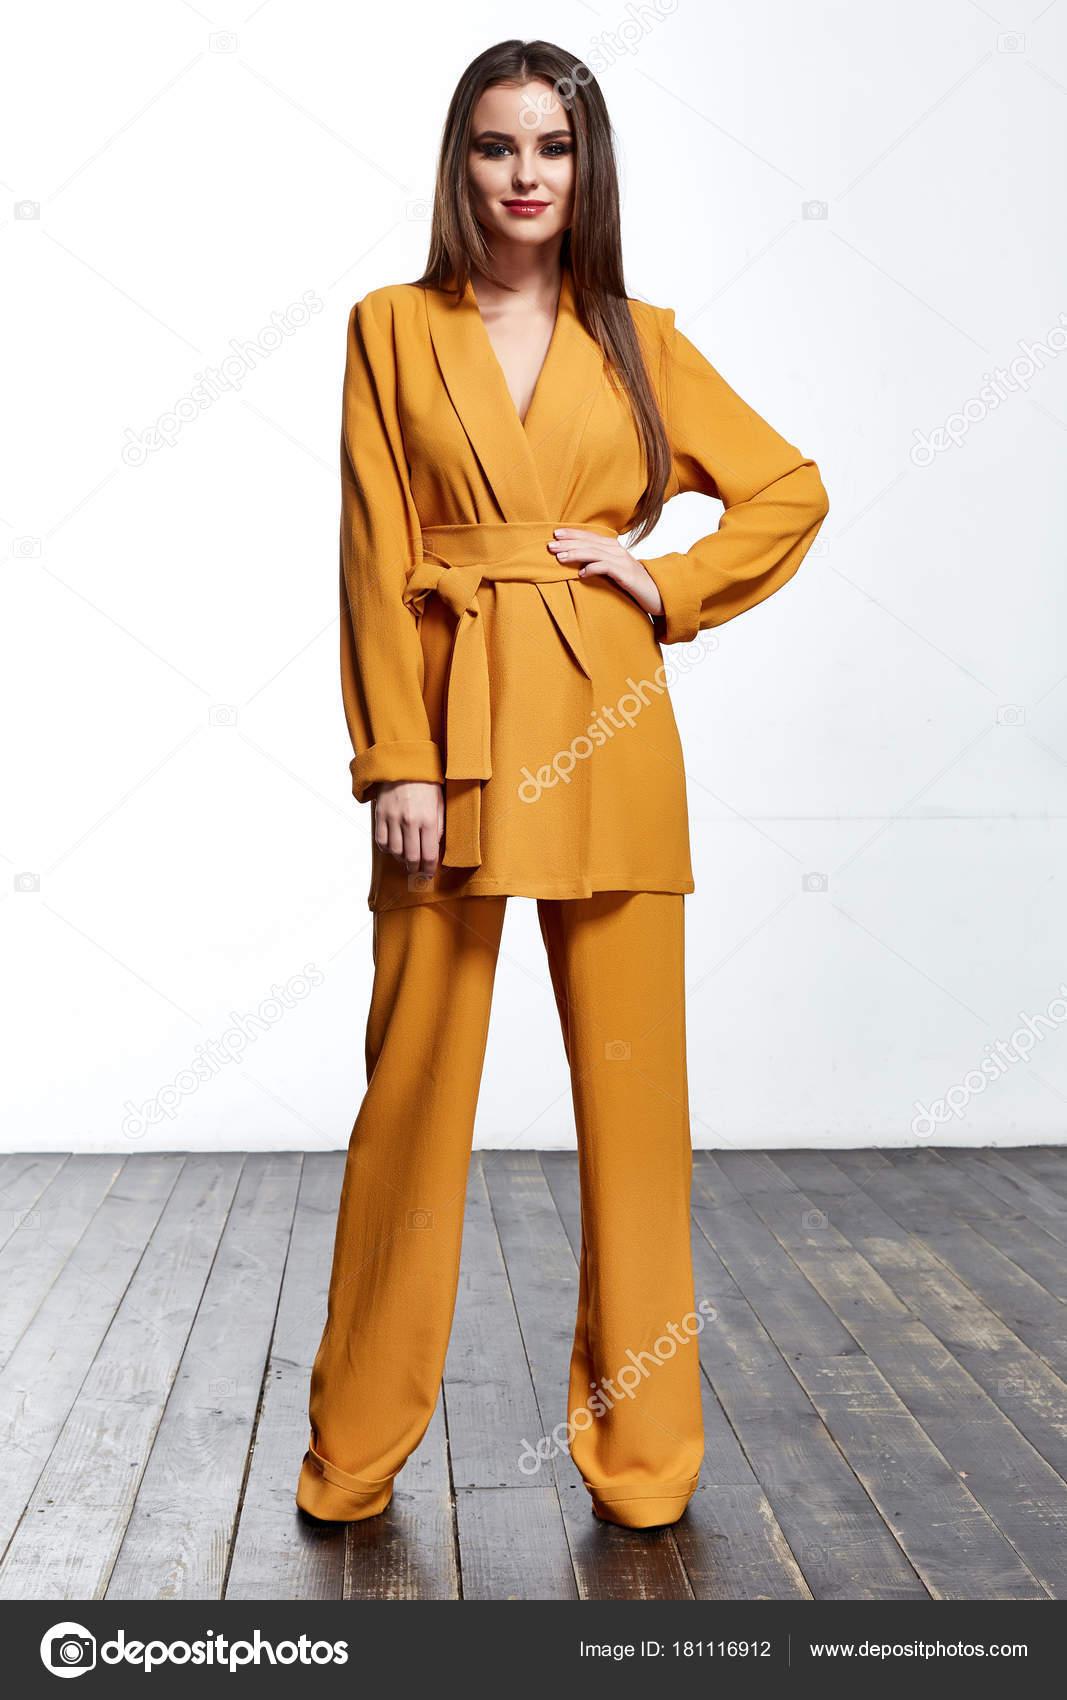 5992bdc58 Hermosa chica guapa sexy desgaste traje amarillo chaqueta y pantalones  cuerpo delgado forma señora jefe negocio mujer piel pelo largo morena tan  partido ...